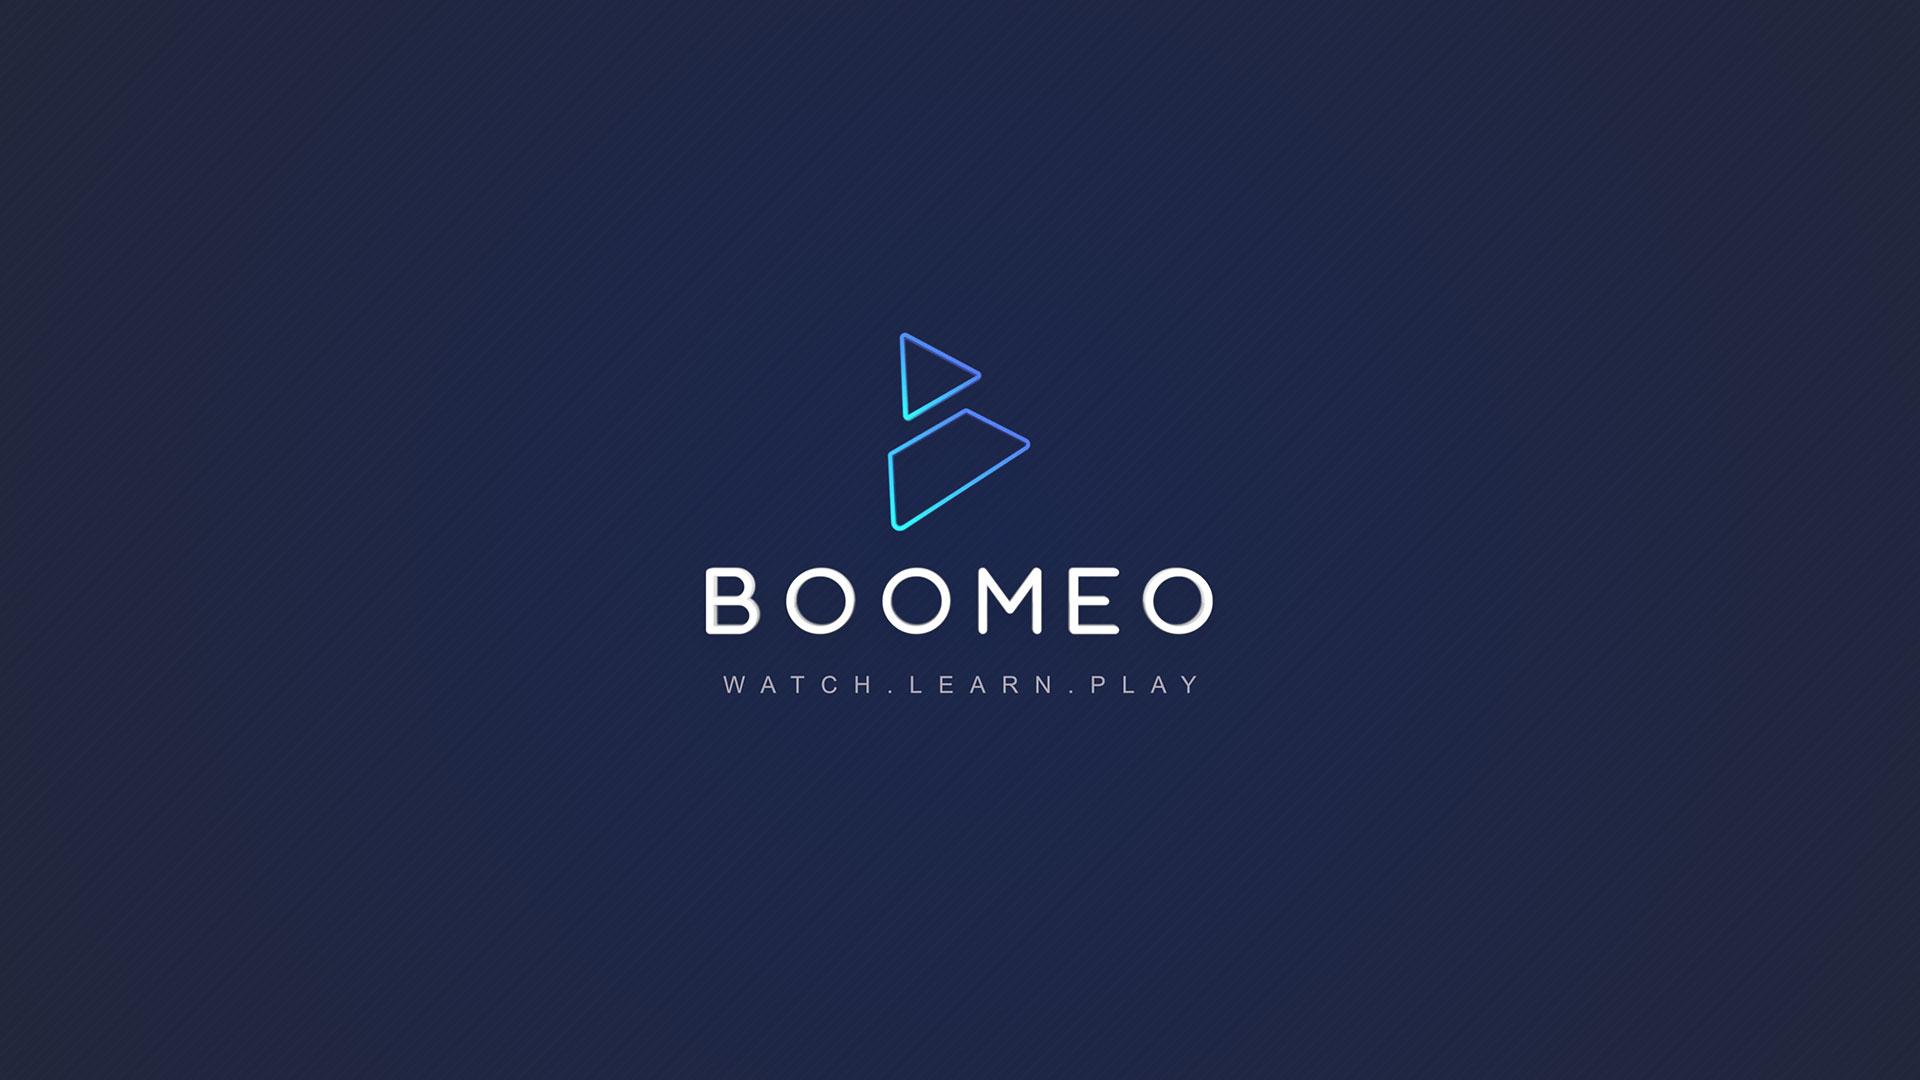 Boomeo